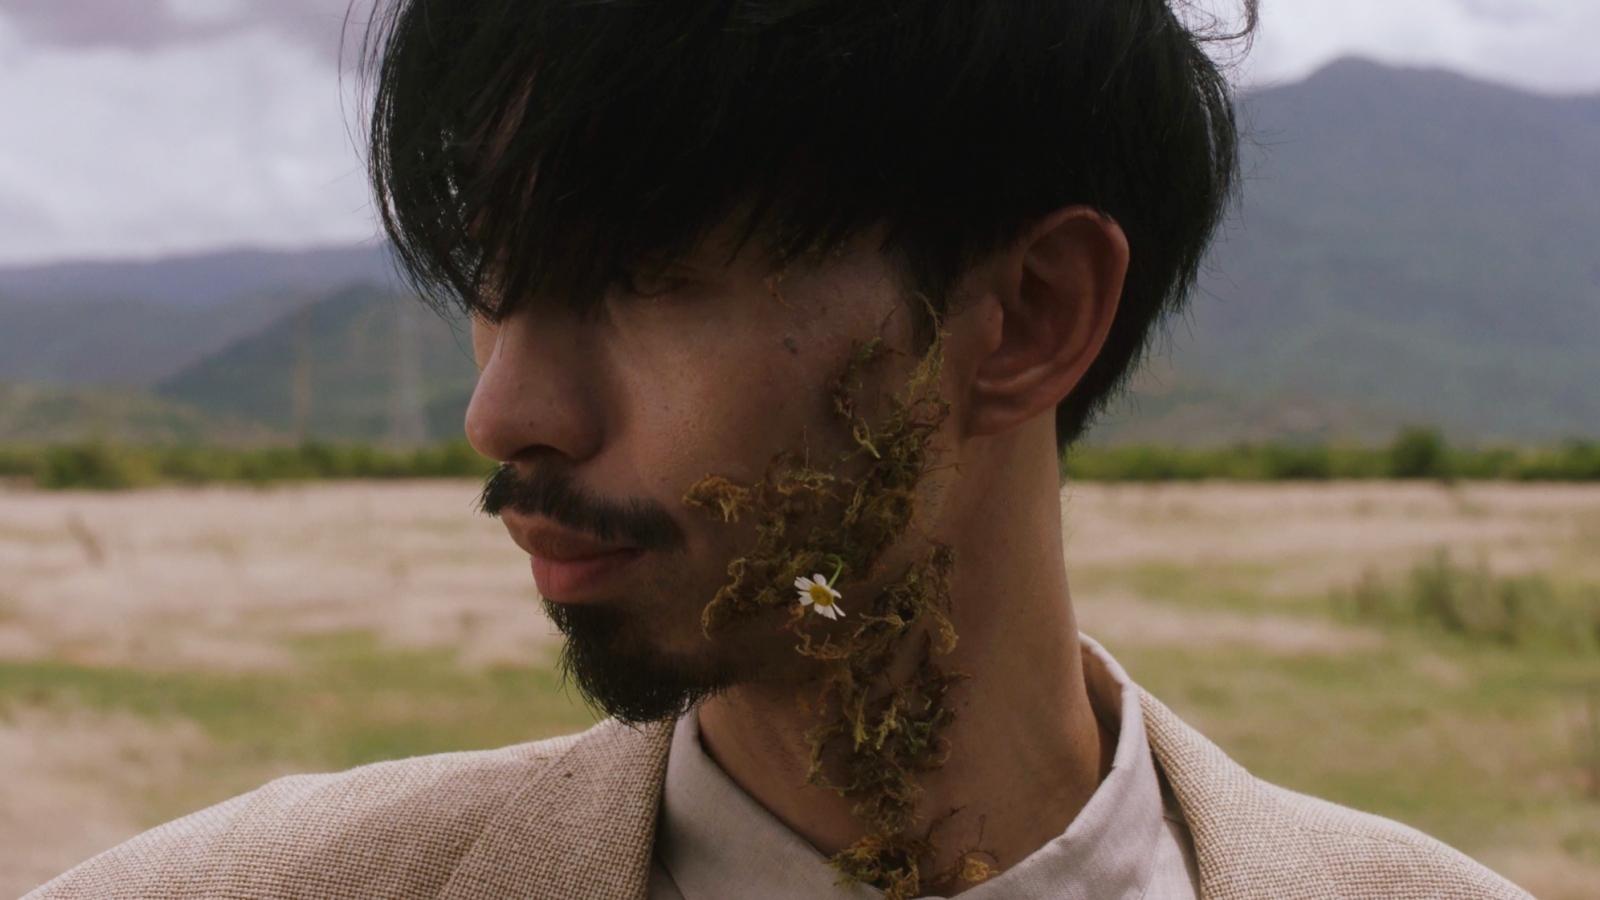 """Hơn 1 ngày ra mắt, MV """"Trốn tìm"""" của Đen Vâu chính thức đạt top 1 trending"""